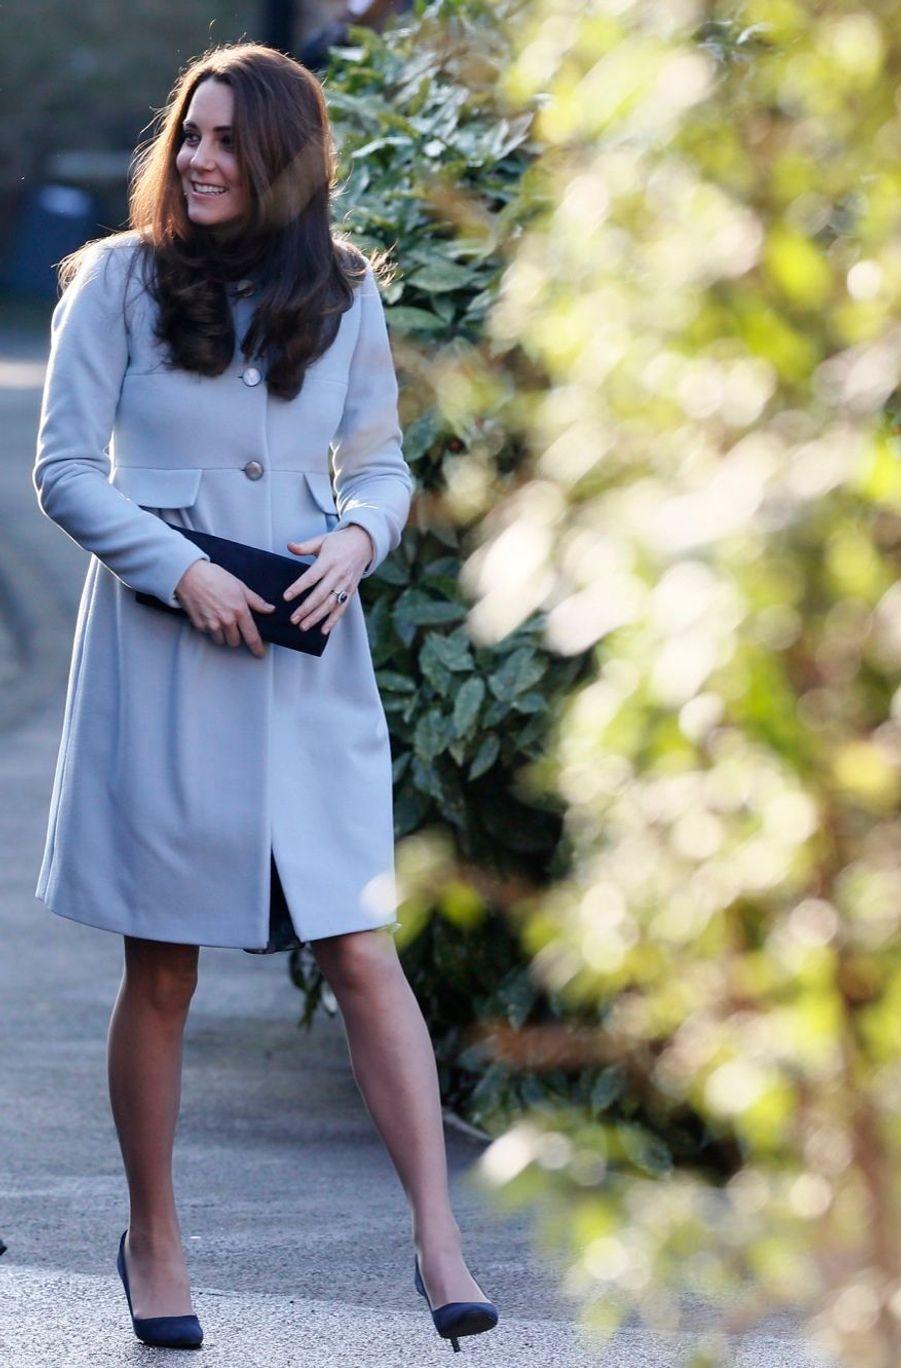 2 La Duchesse De Cambridge, Née Kate Middleton, En Visite À Kensington